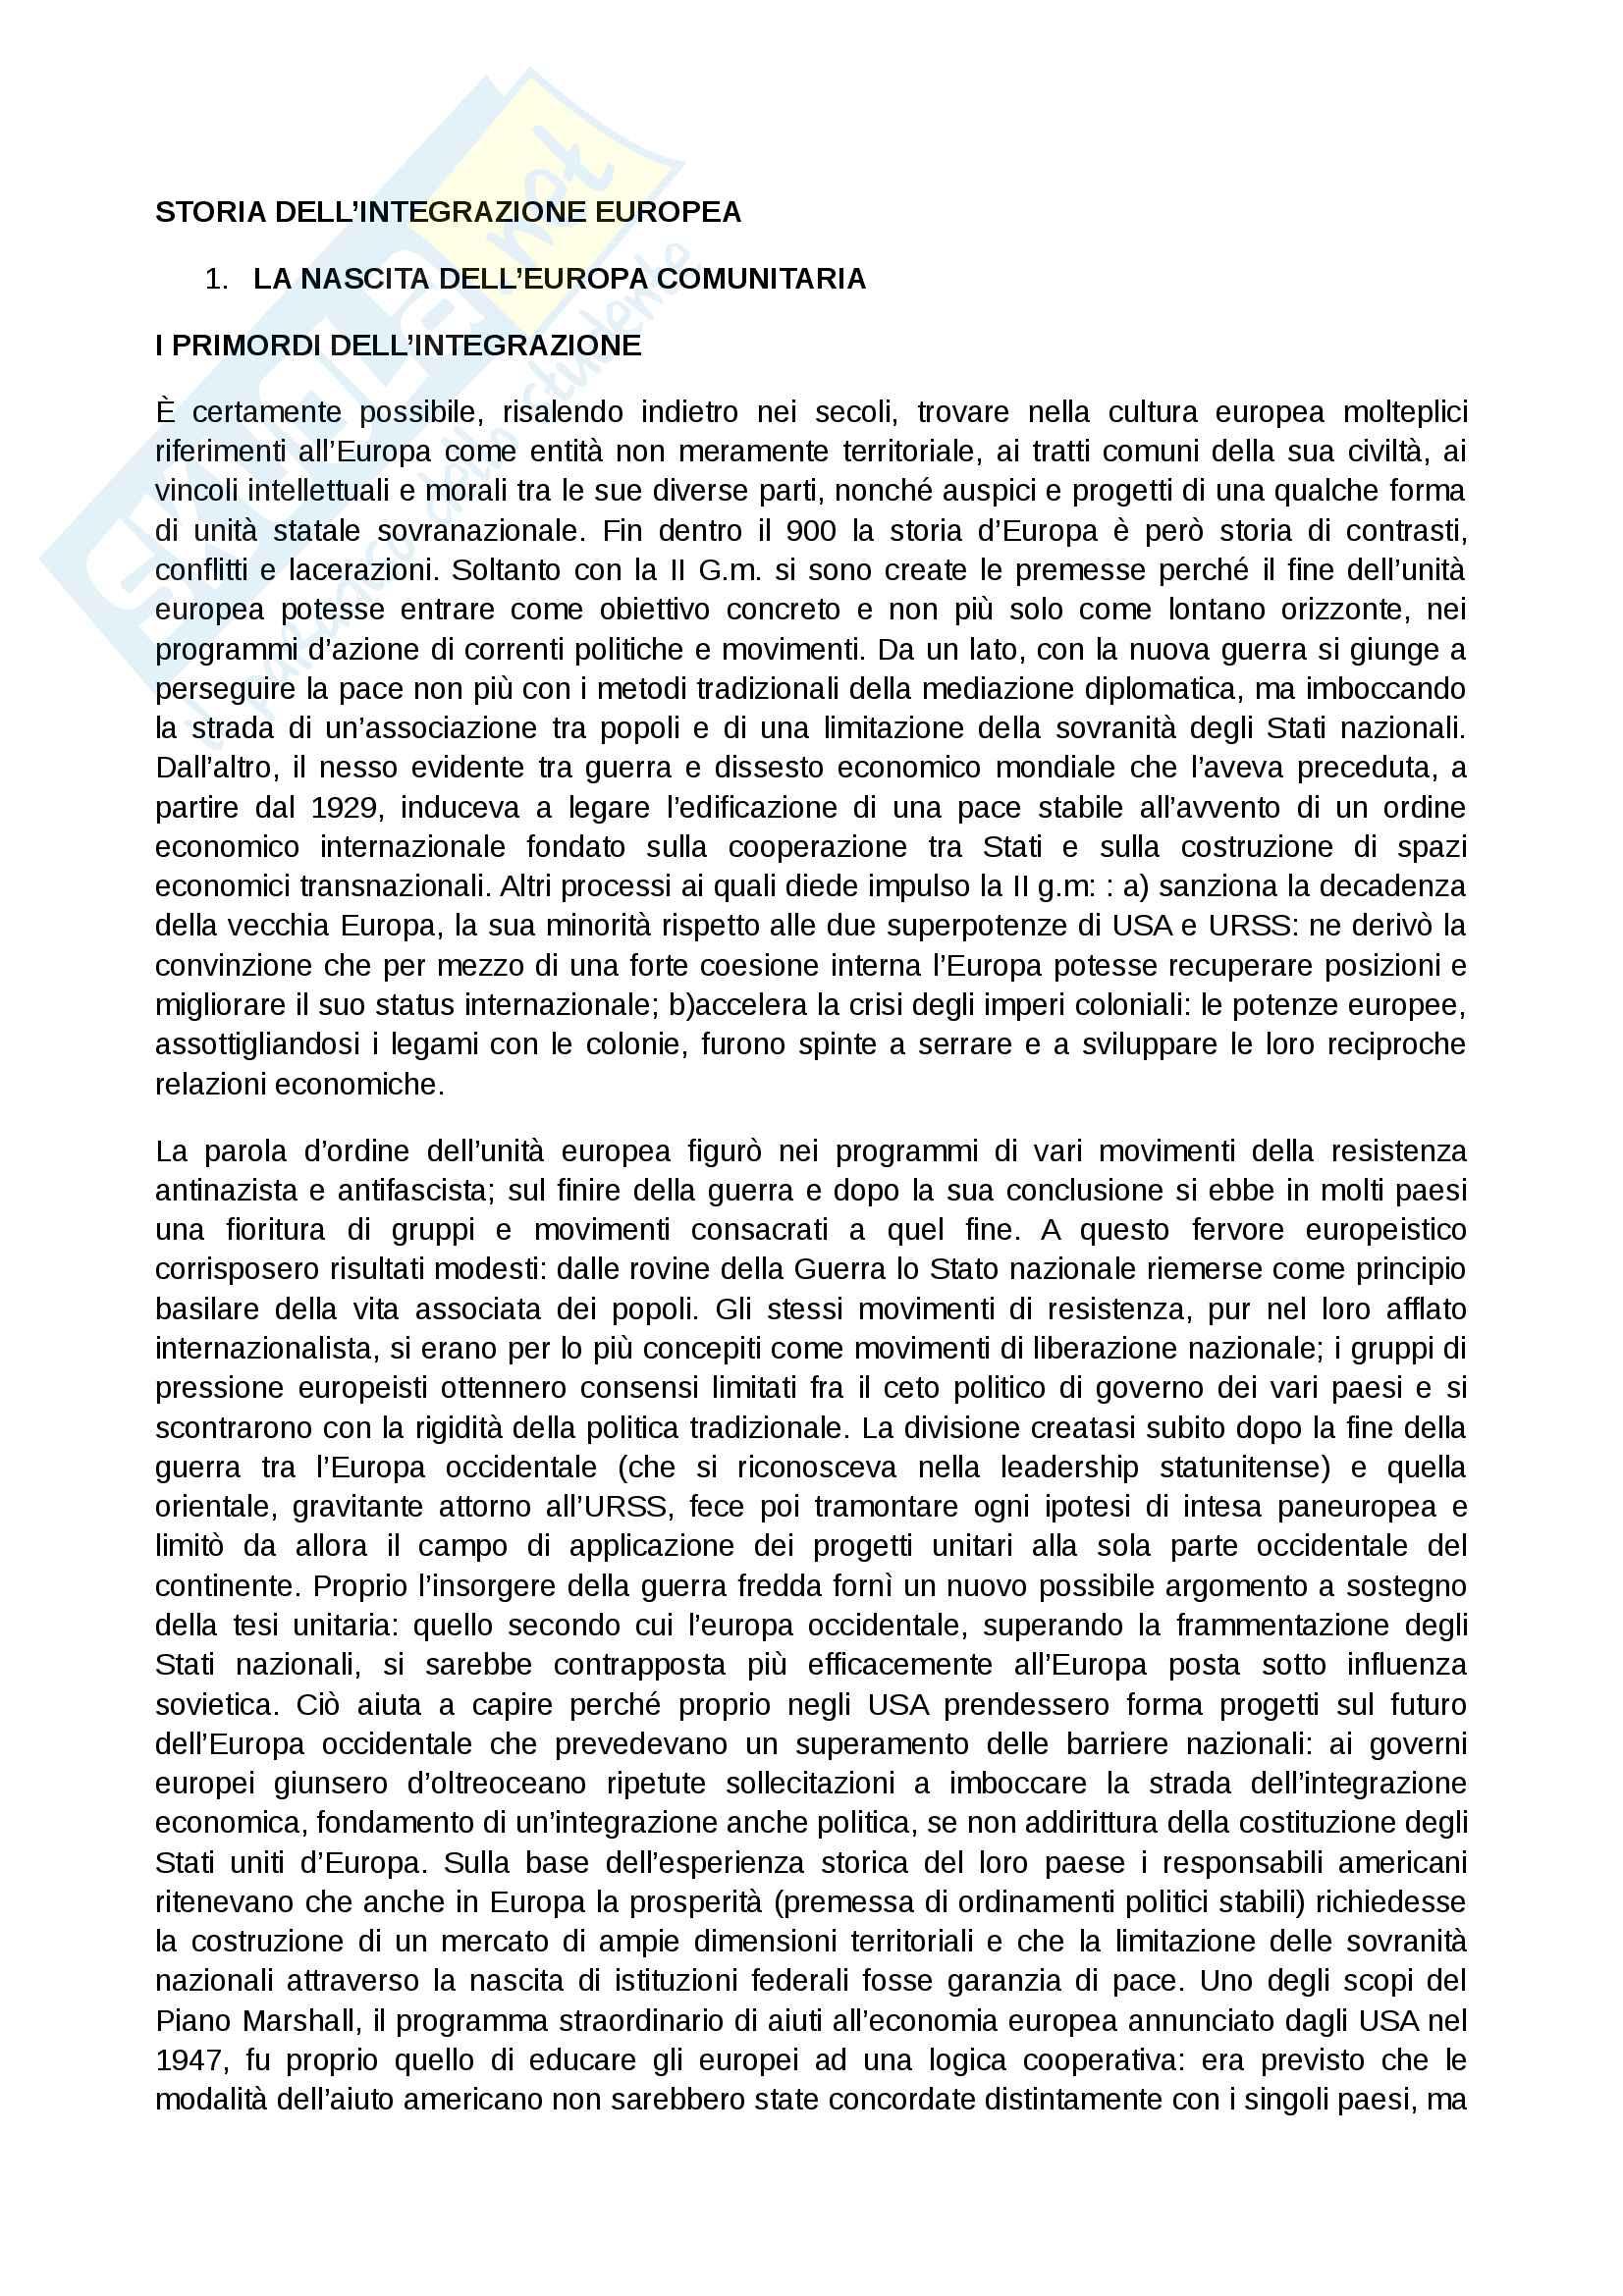 Riassunto esame storia dell'integrazione europea, prof. Rapone, libro consigliato Storia dell'integrazione europea, Rapone